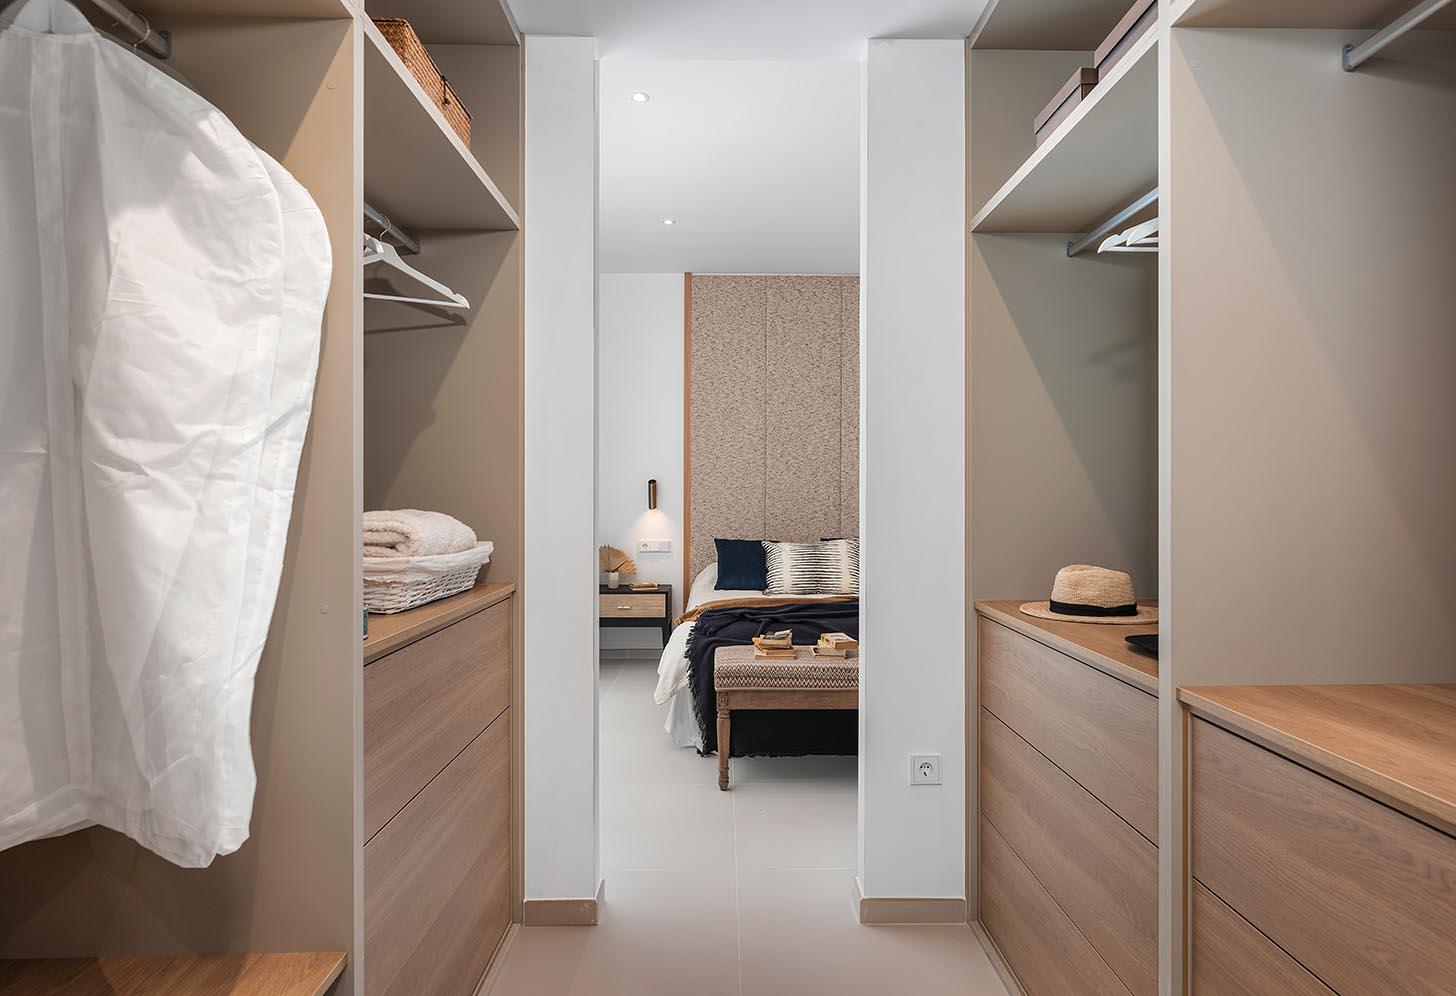 immobilier neuf espagne costa blanca alicante polop chambre vestidor